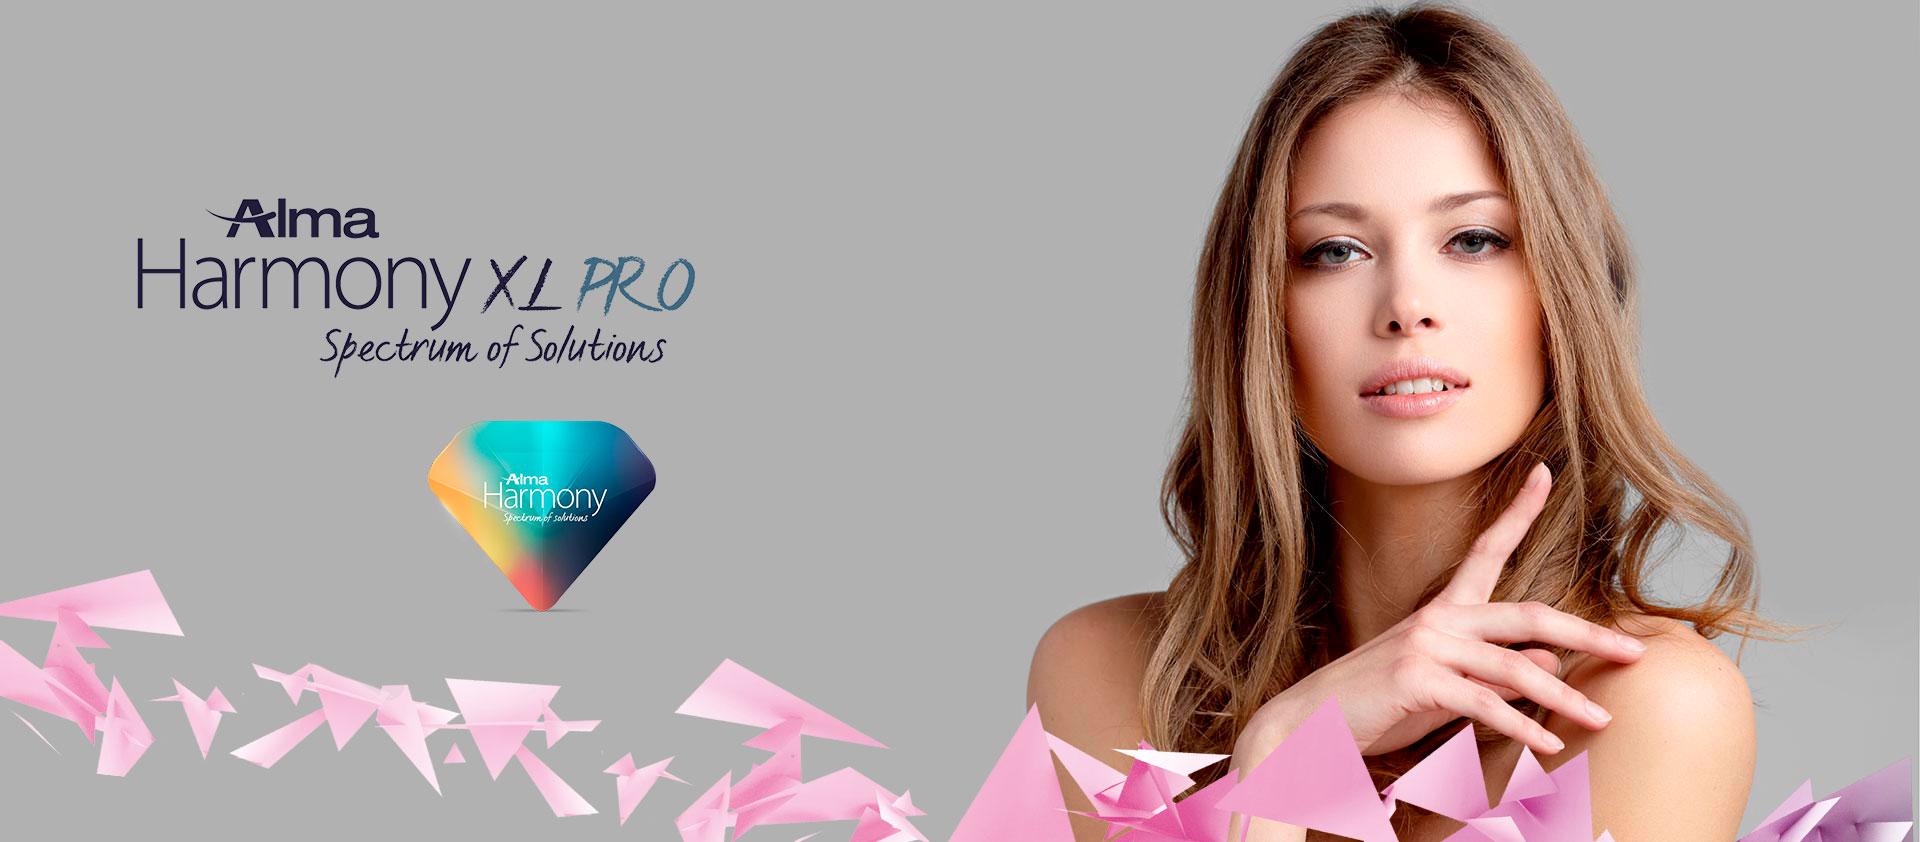 Reklama Alma Harmony